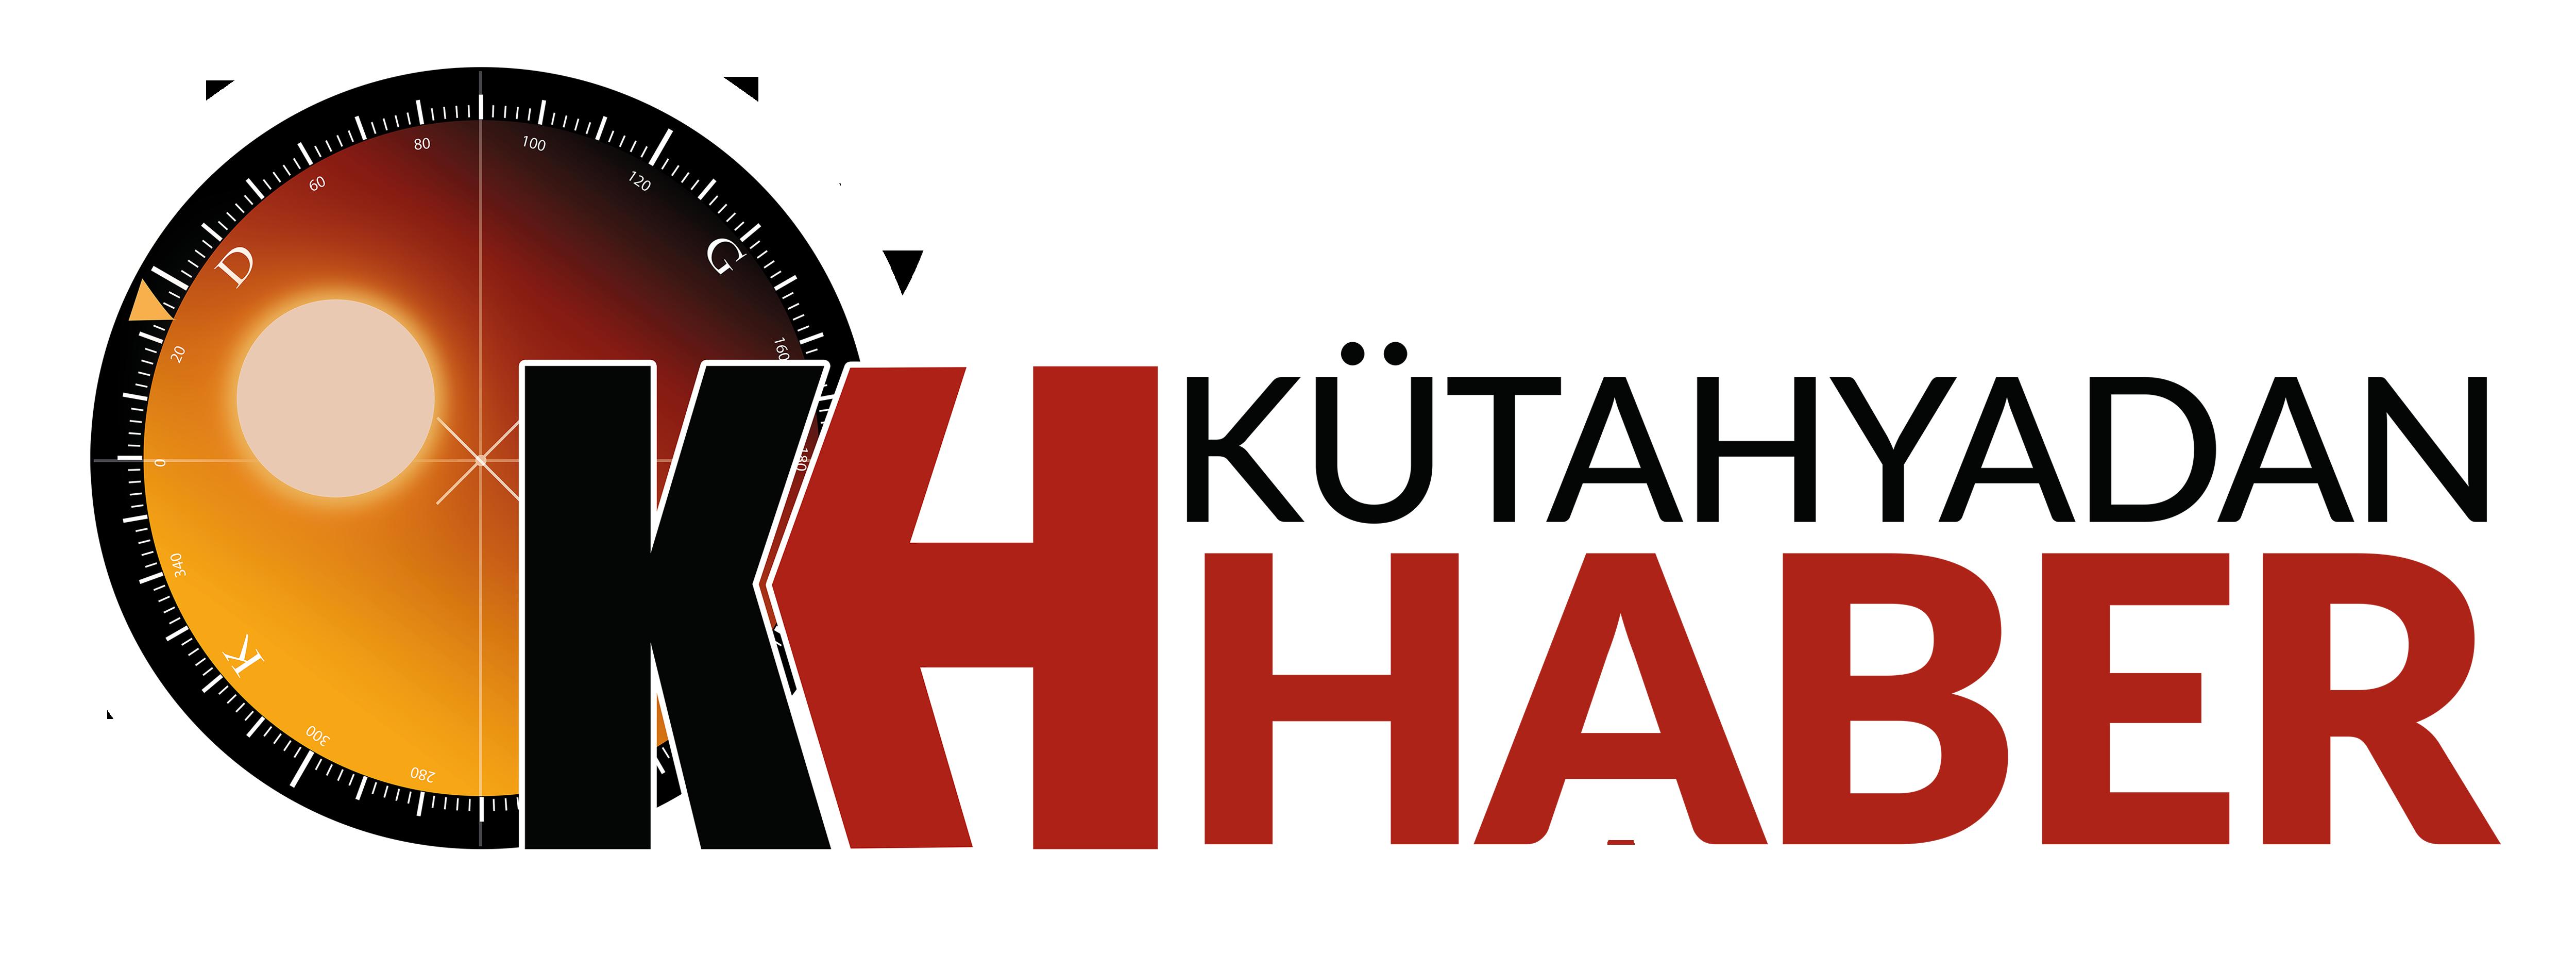 kutahyadanhaber.com